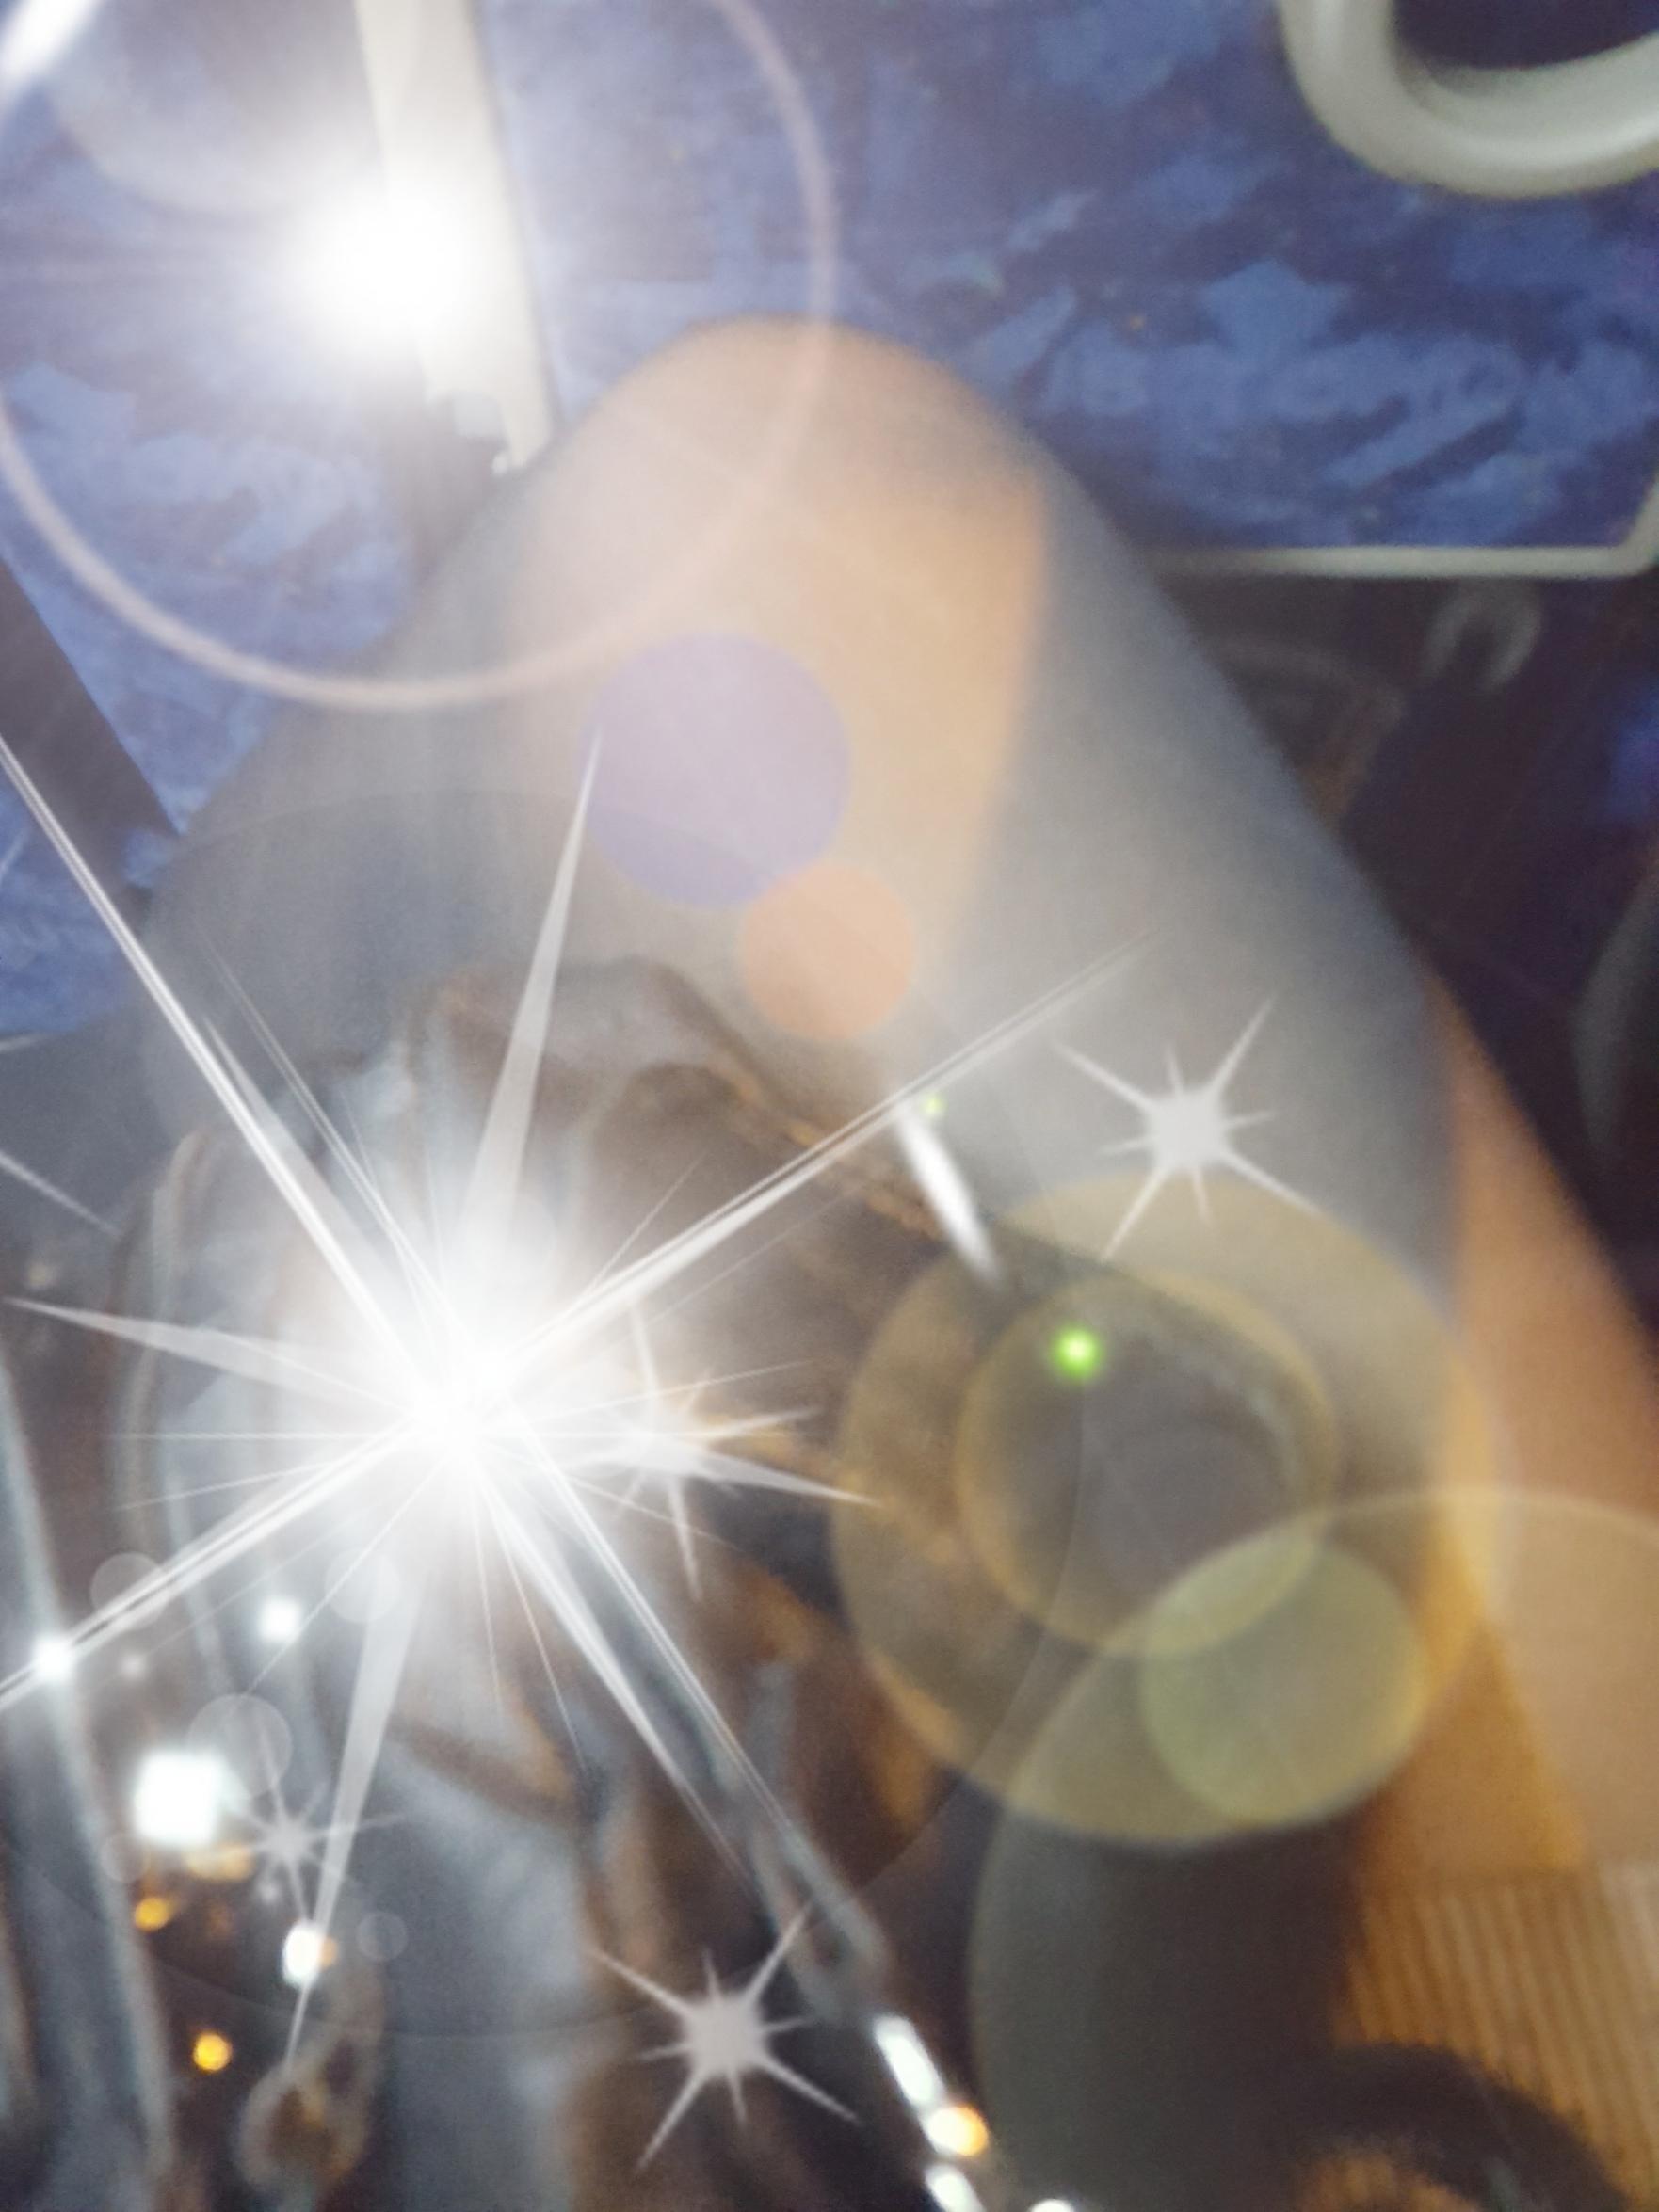 ひなた「よいしょッ( '-'* )))」11/17(土) 19:31 | ひなたの写メ・風俗動画